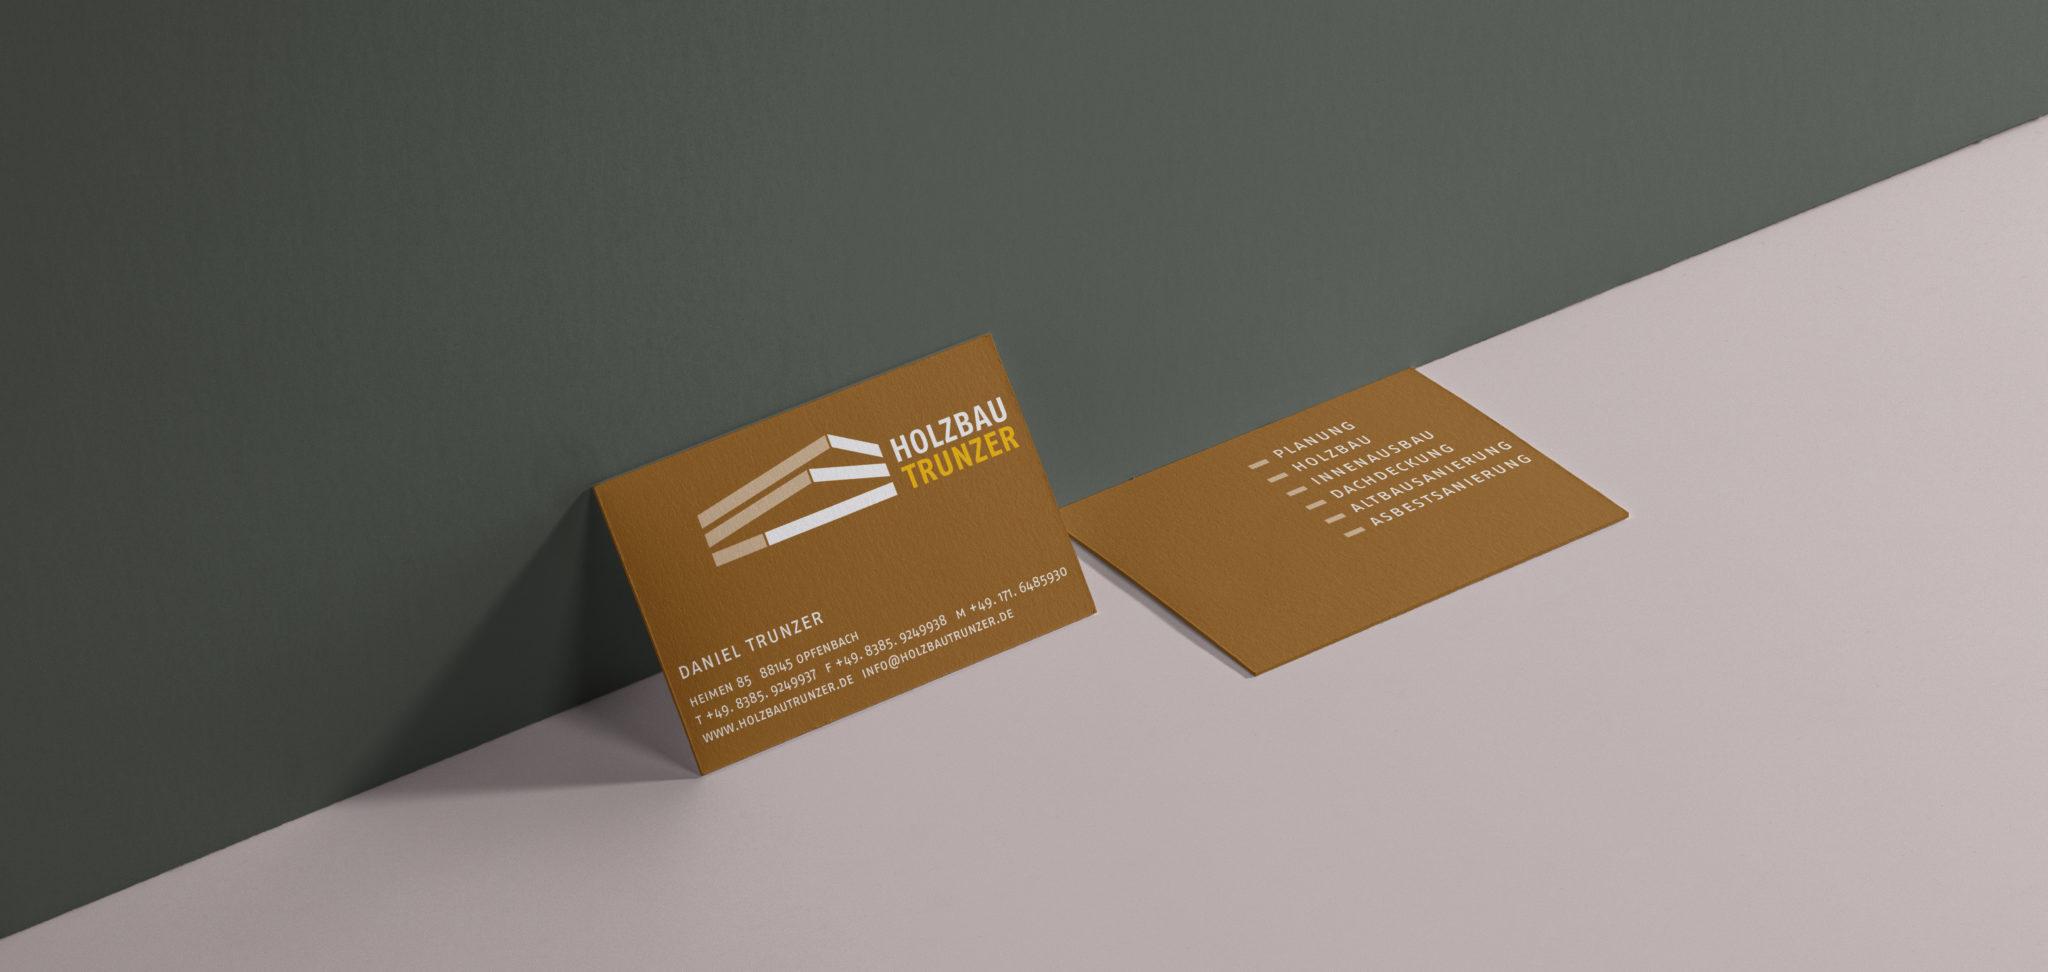 Trunzer_Visitenkarten